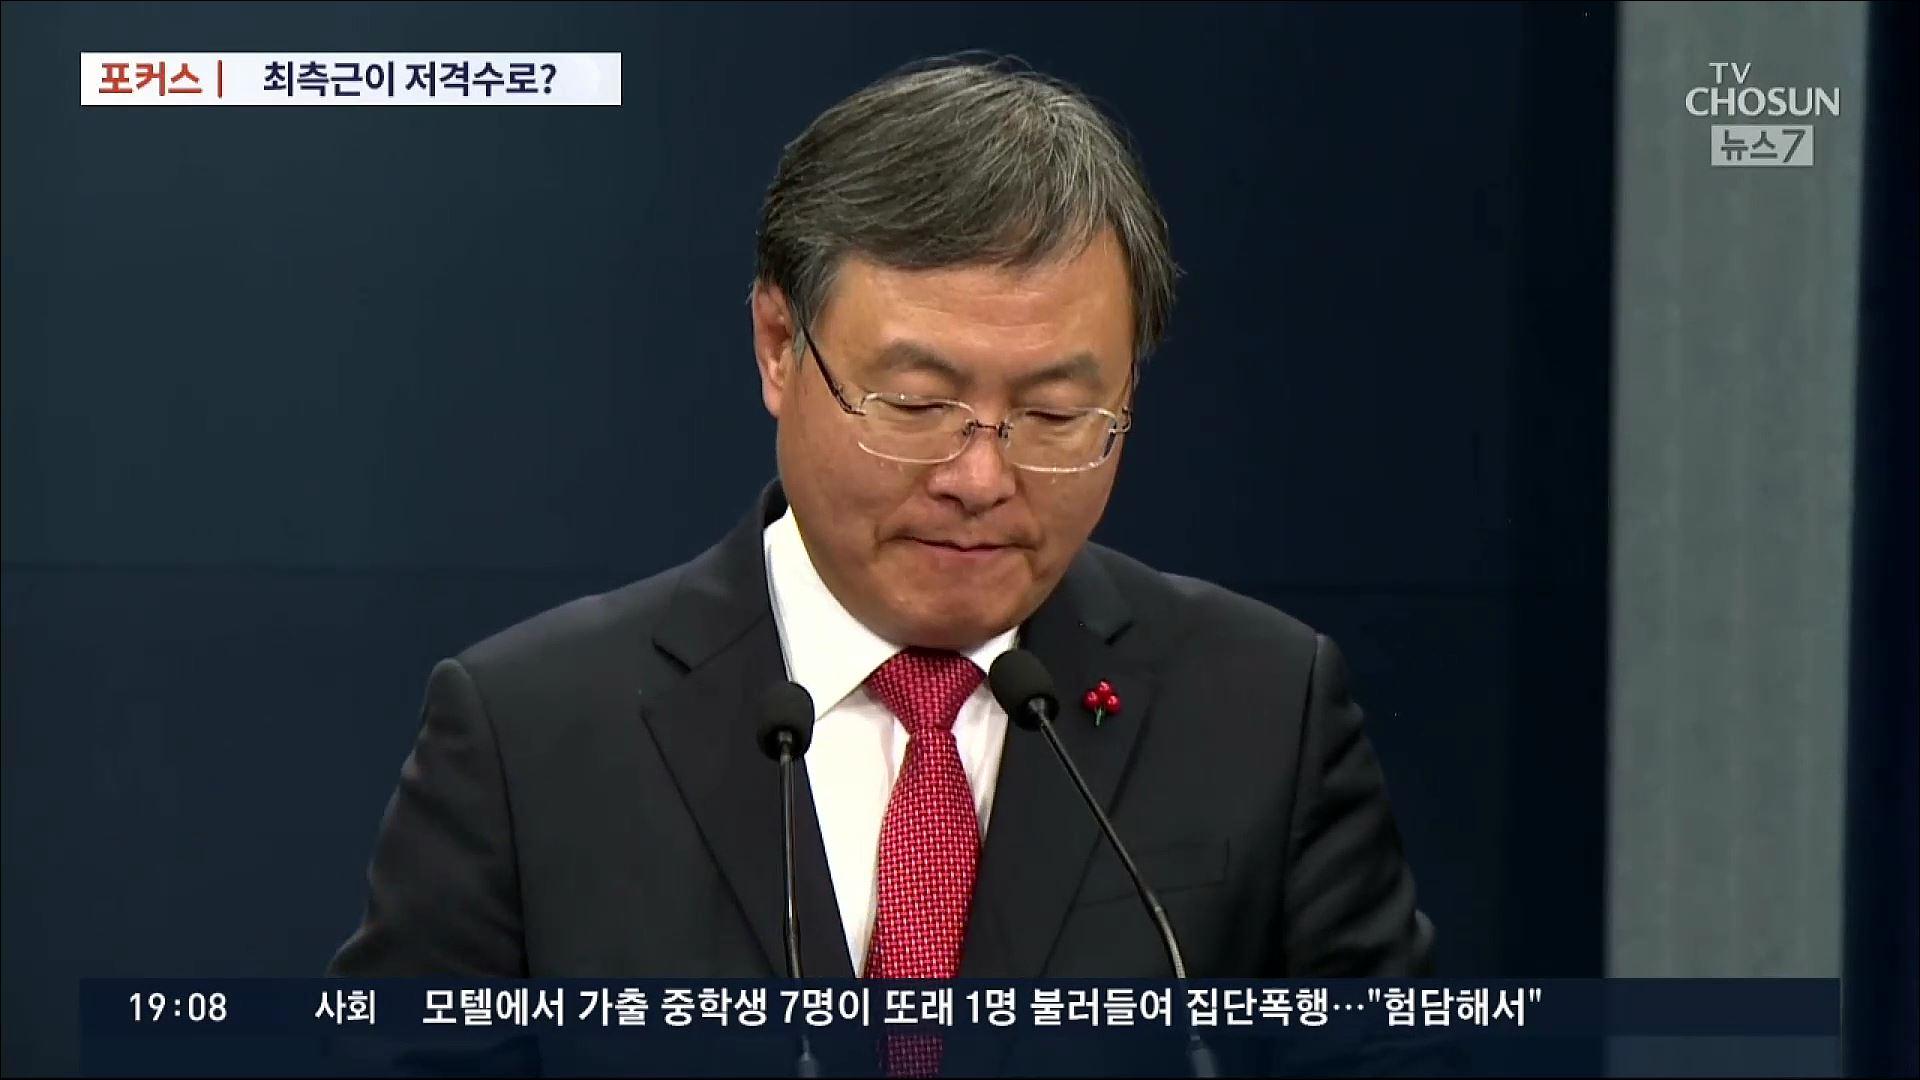 [포커스] '최측근'에서 '부담'으로…文-신현수 17년 인연